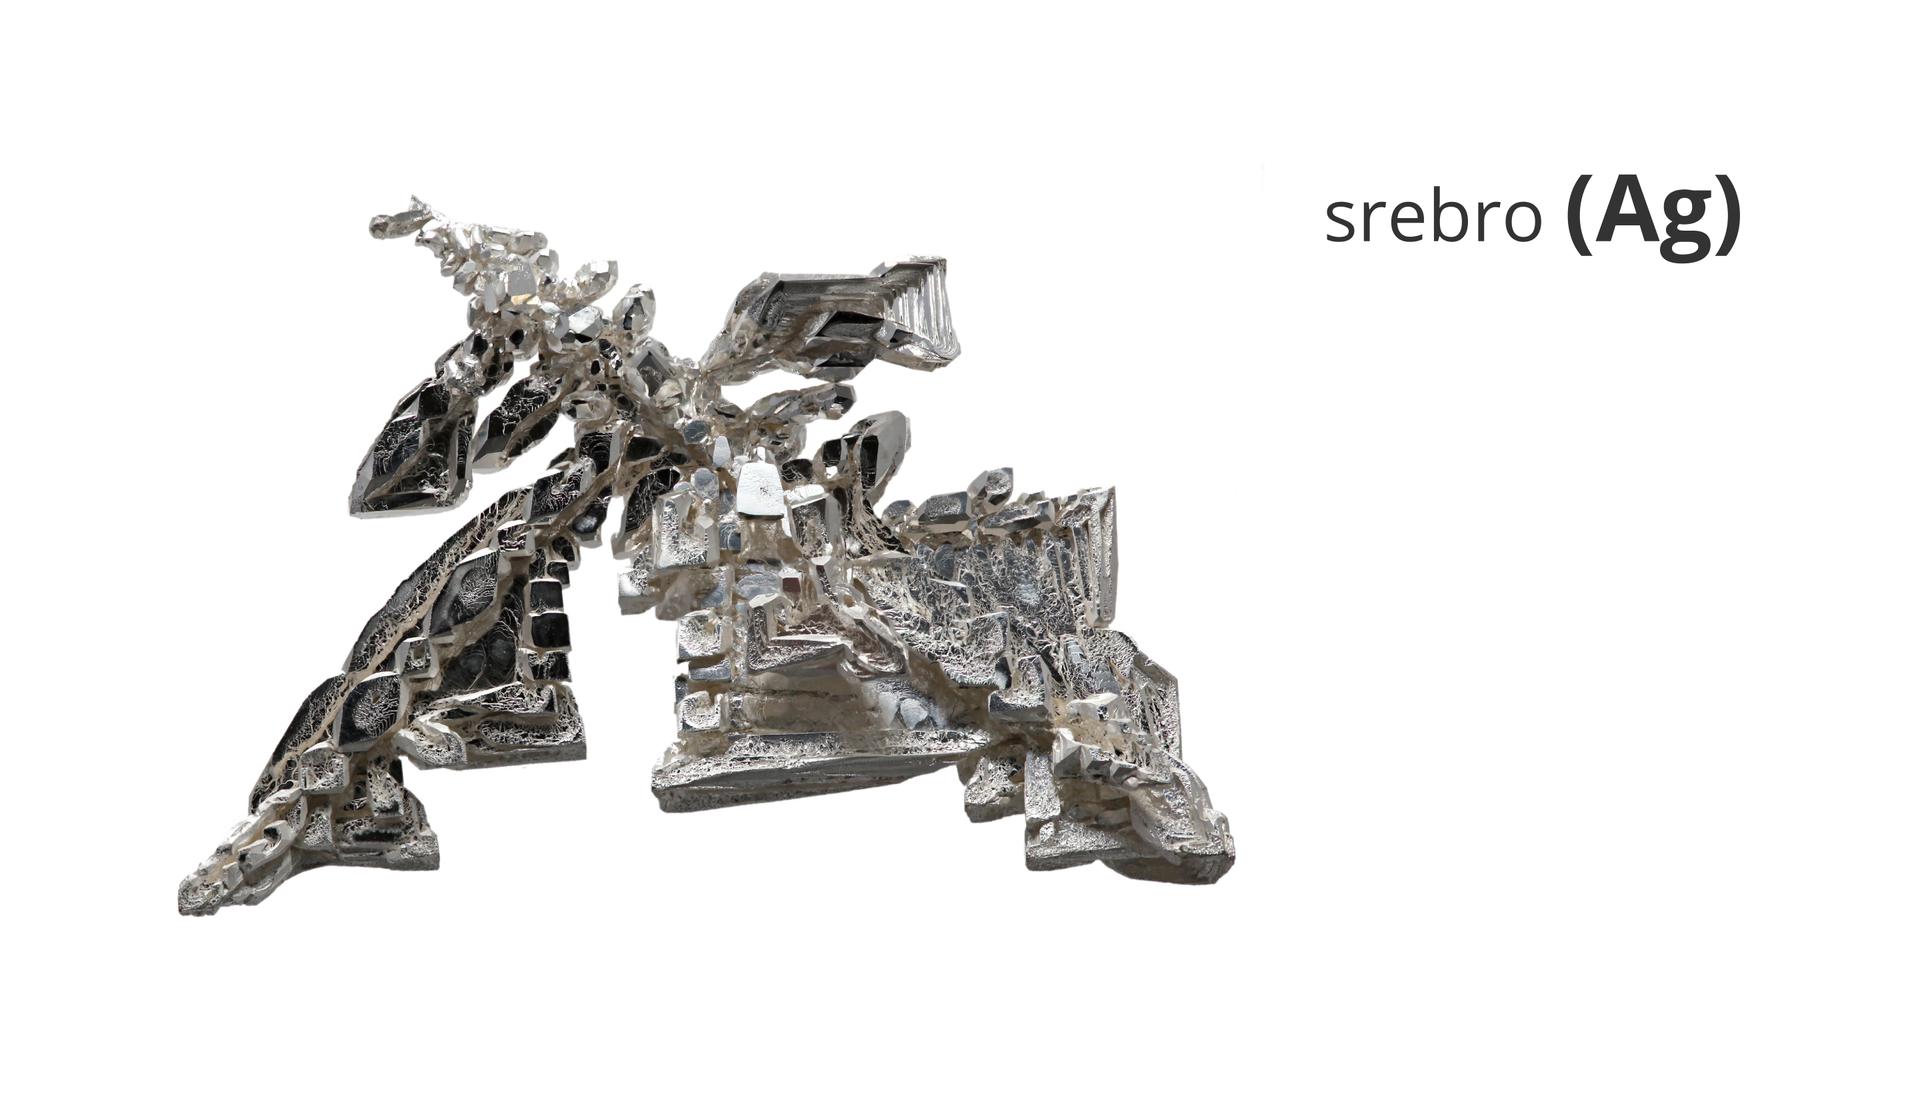 Zdjęcie przedstawia krystaliczne srebro. Obok widnieje napis srebro ijego symbol Ag.